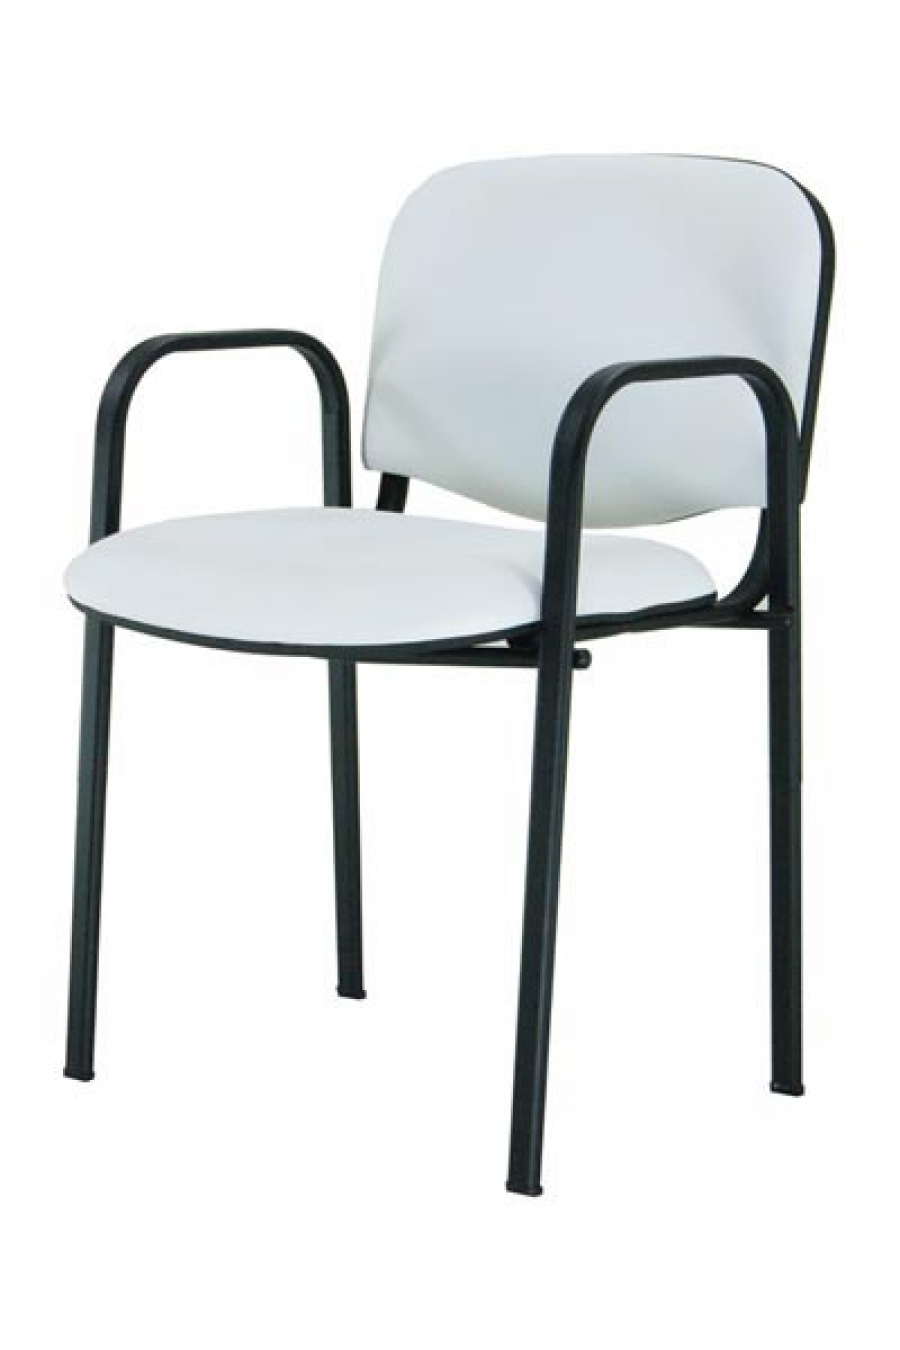 sillas tapizadas con brazos ForSillas Con Brazos Tapizadas